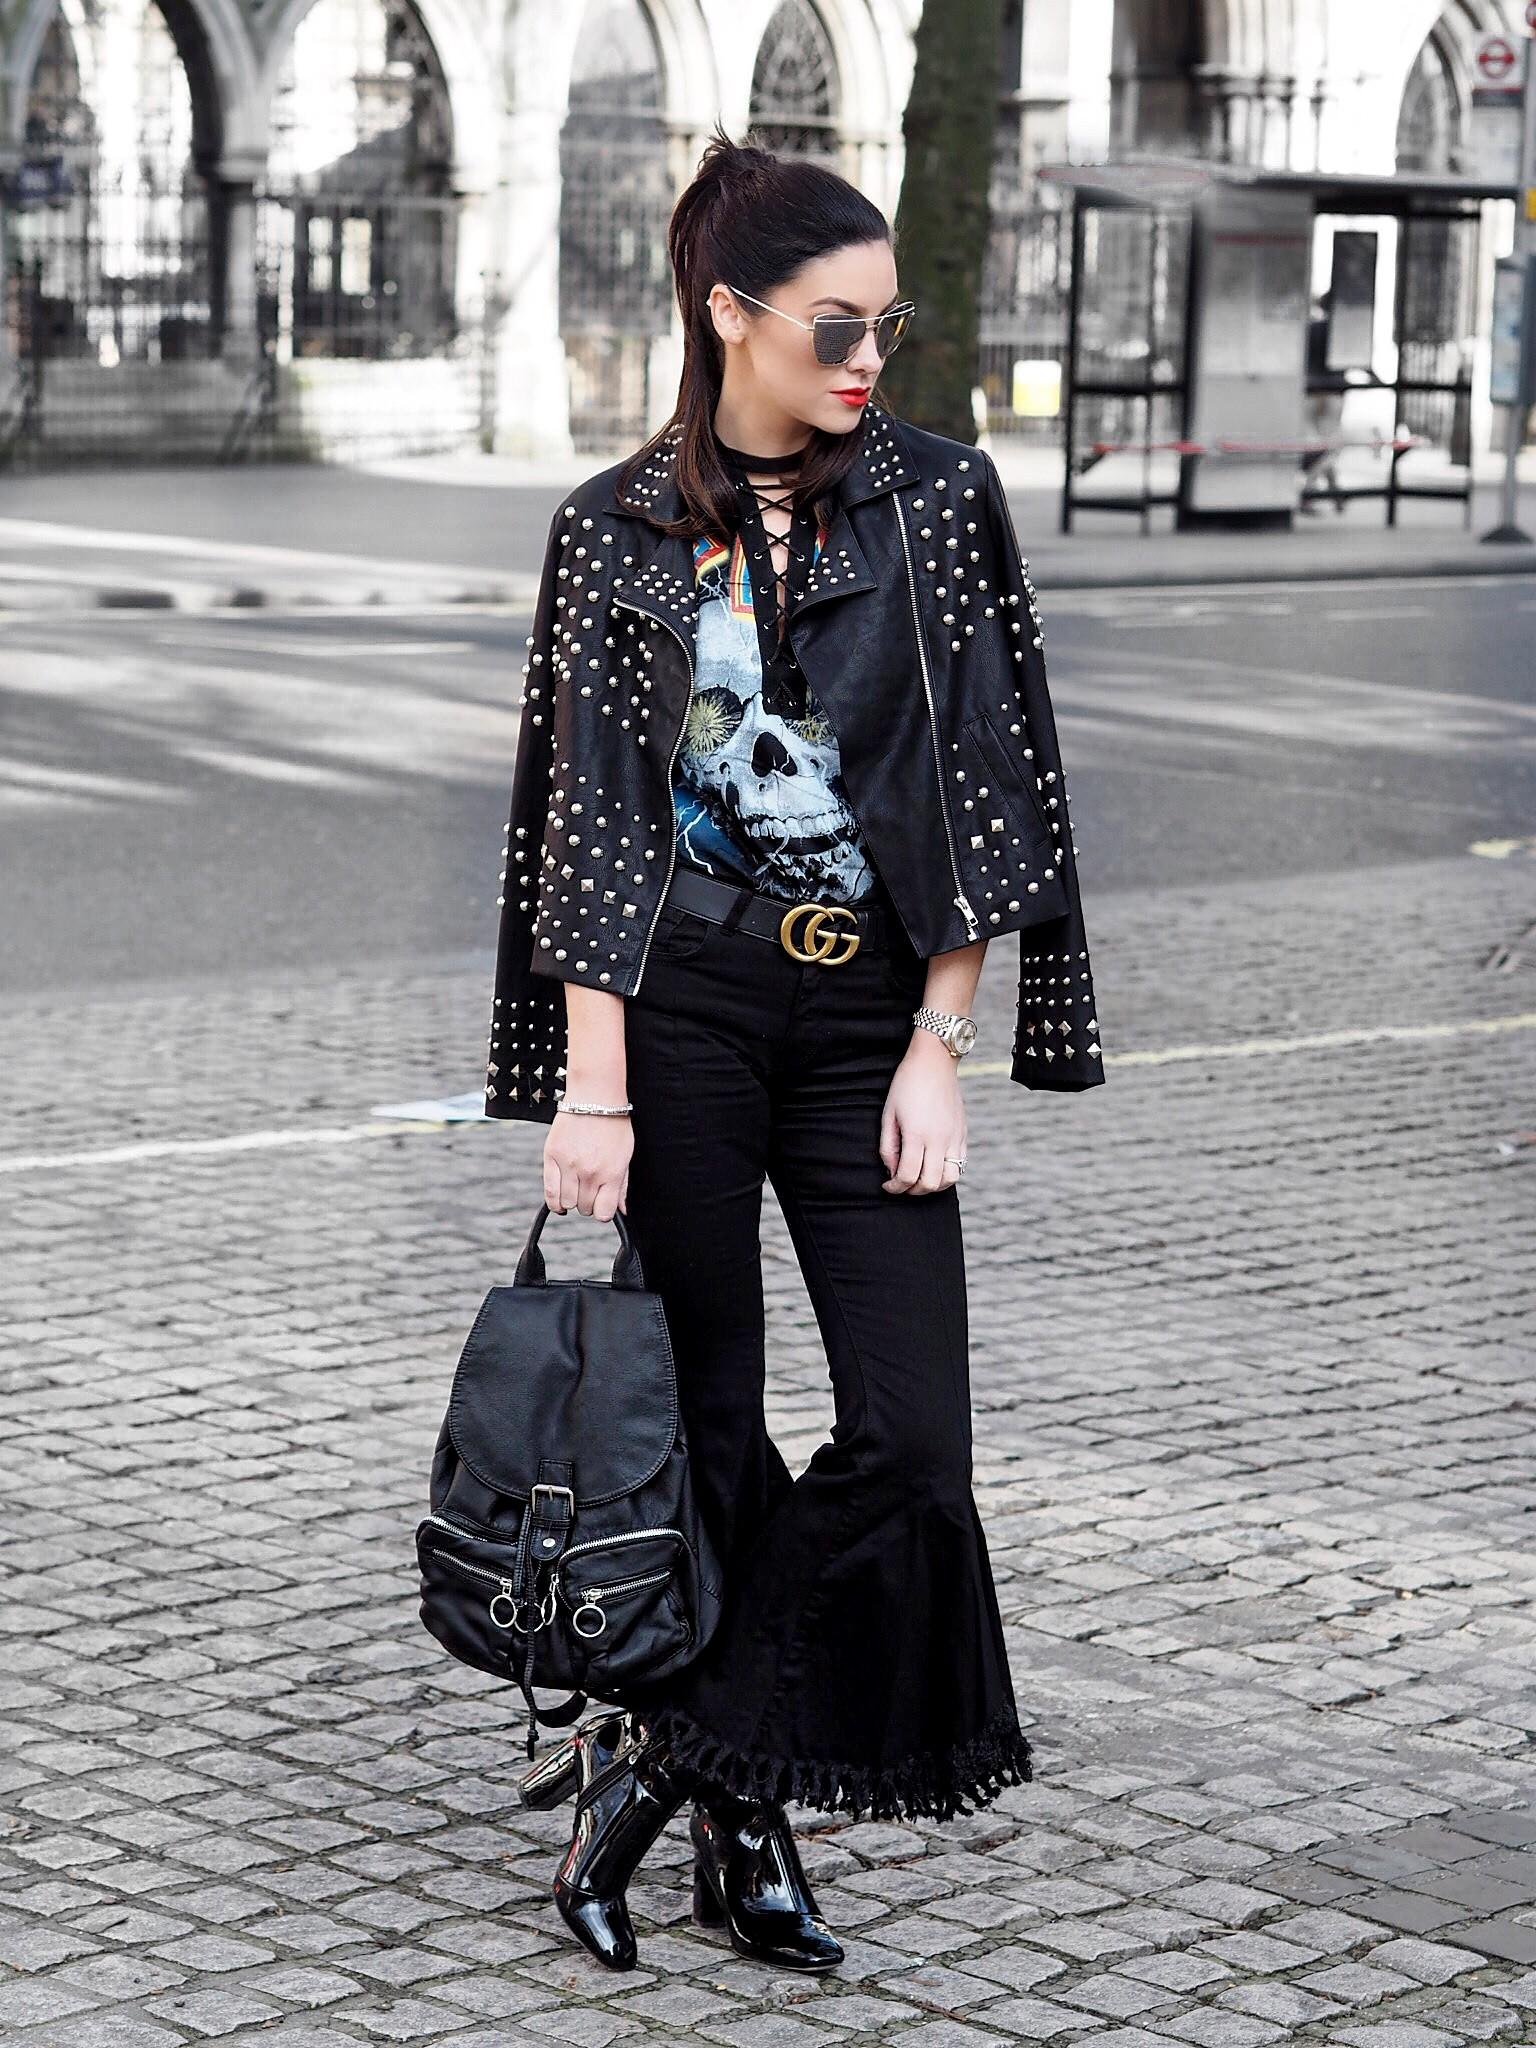 Suzanne Jackson Leather jacket London Fashion Week 1